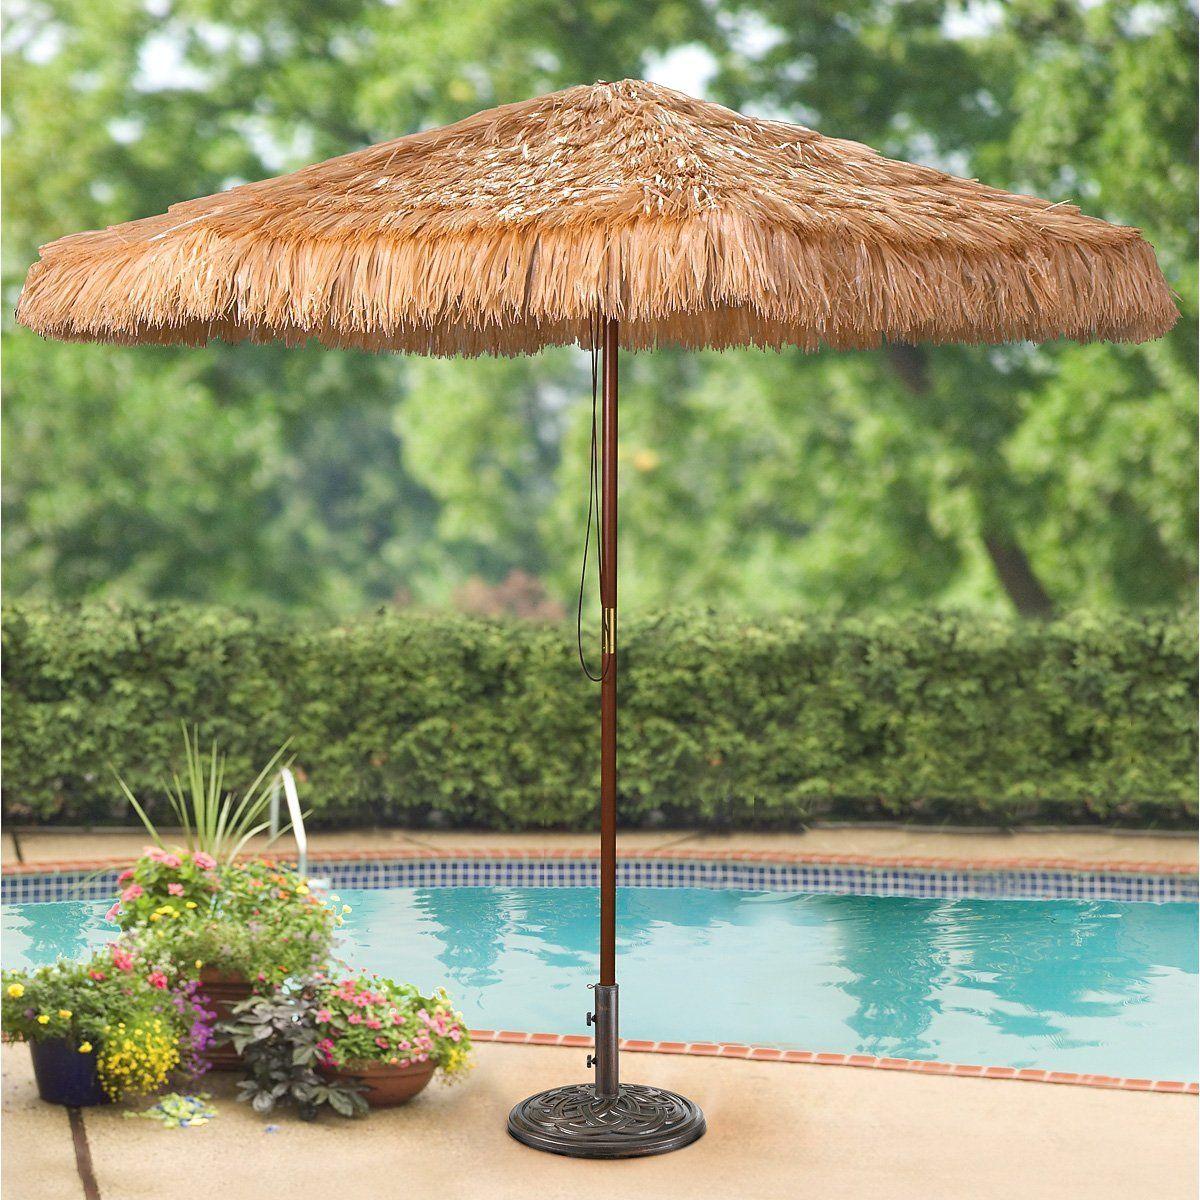 Castlecreek 9 Foot Thatched Tiki Umbrella Patio Umbrellas Lawn Garden